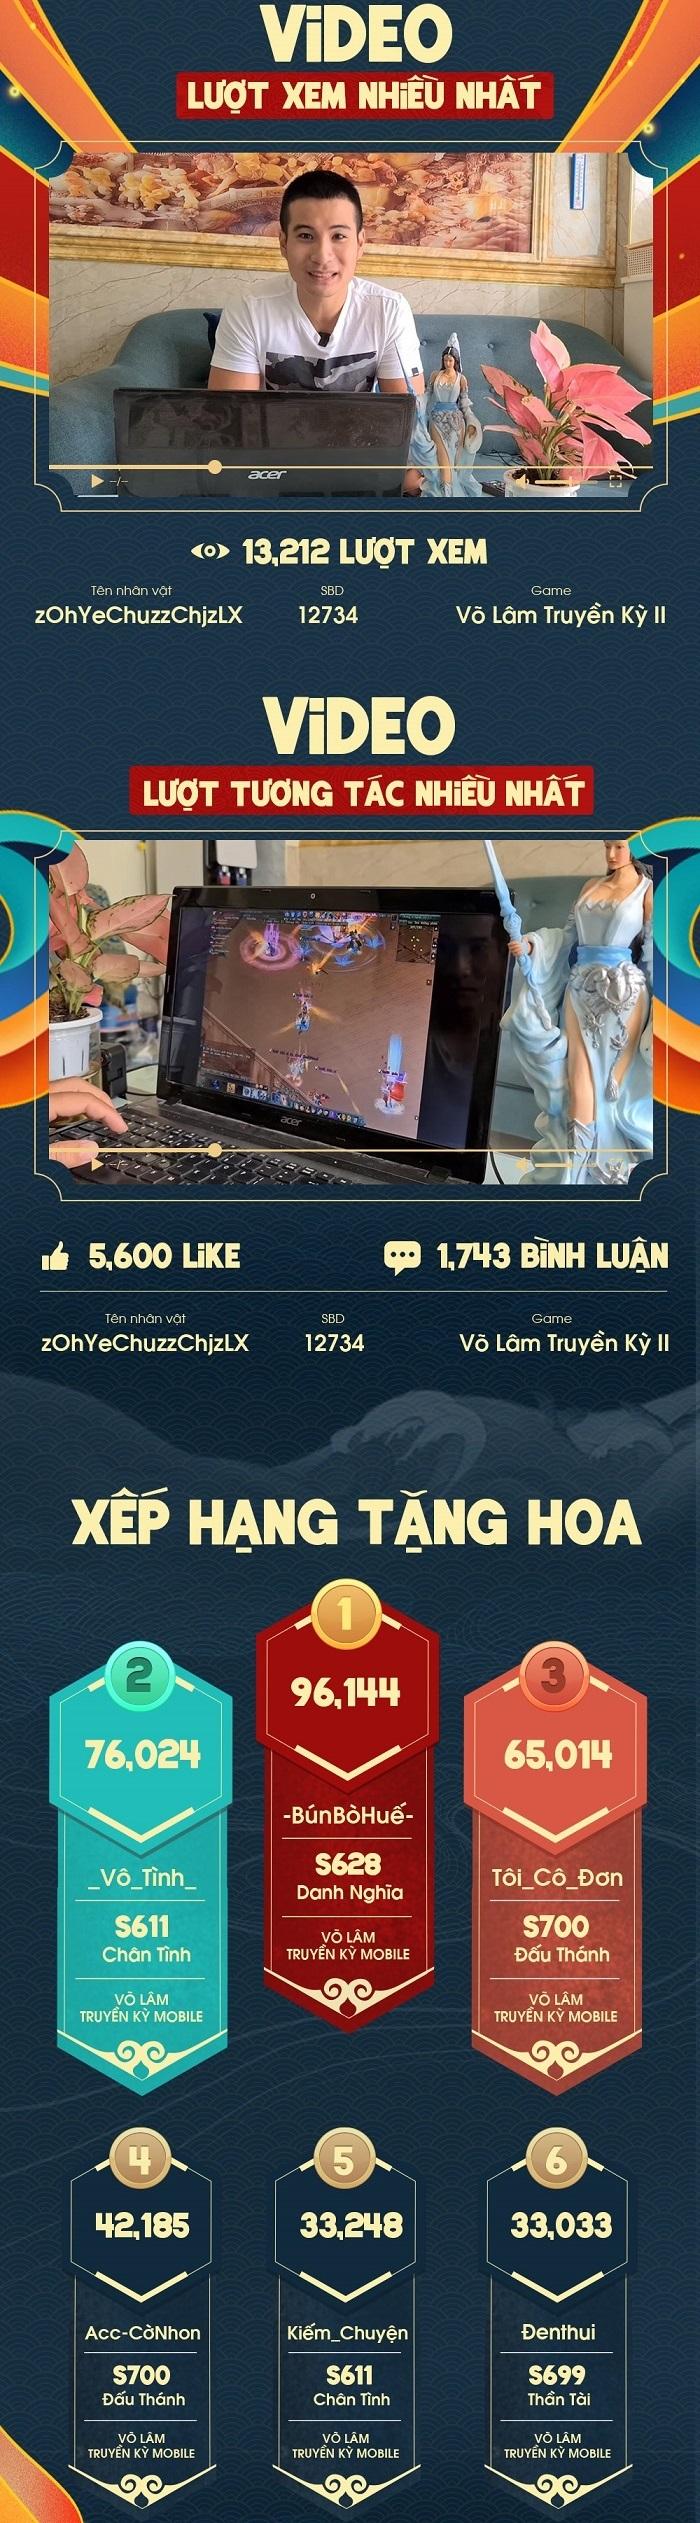 Miss & Mister VLTK 15: Hơn 9 triệu Hoa Hồng được trao và gần 100,000 lượt tương tác trên kênh Youtube 1